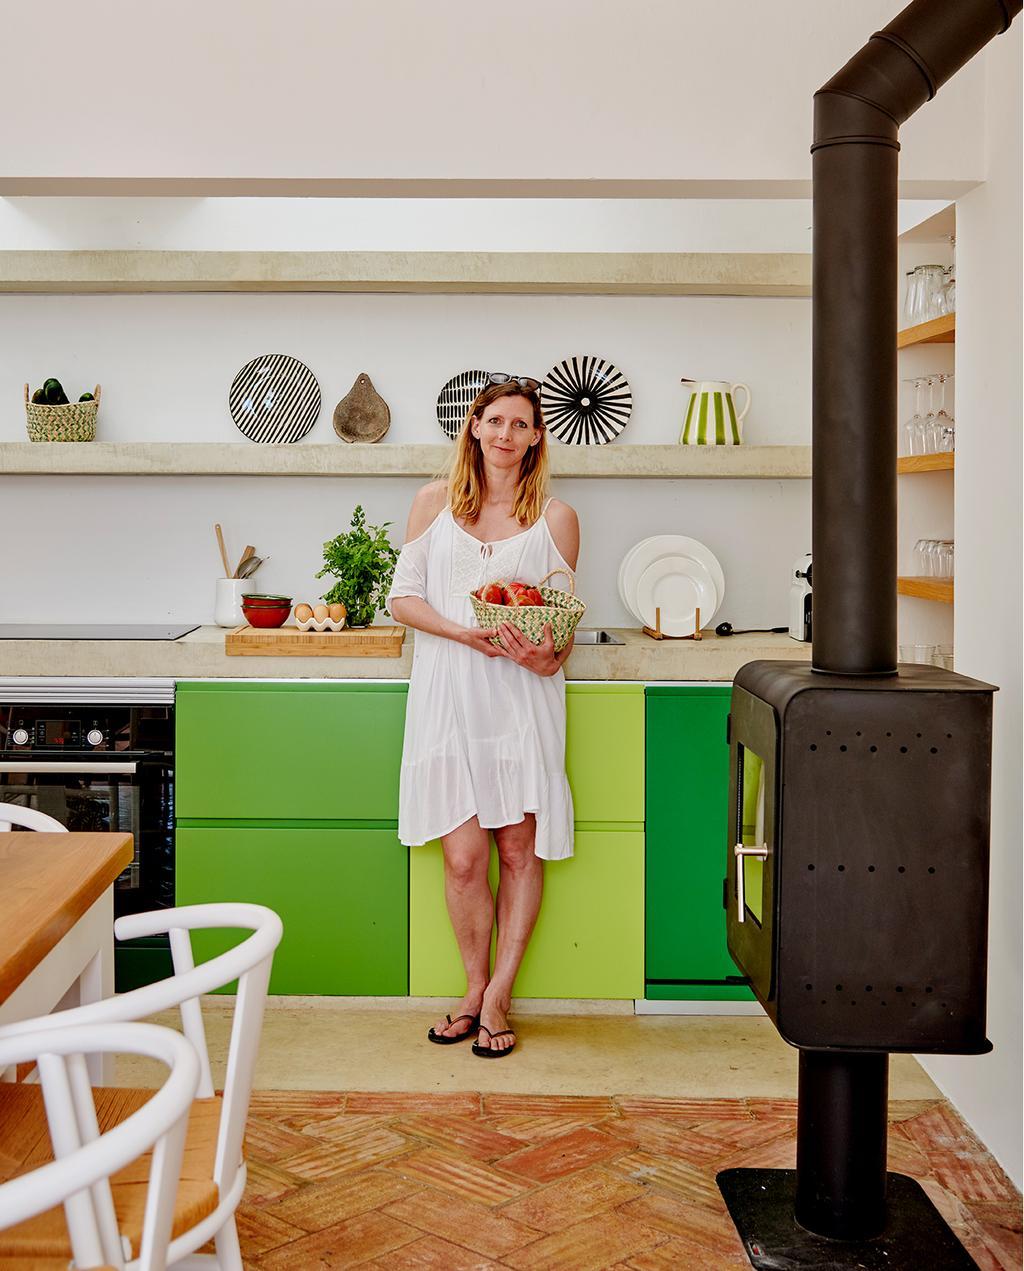 vtwonen 08-2020 | bk buitenland portugal Marie in haar groene keuken